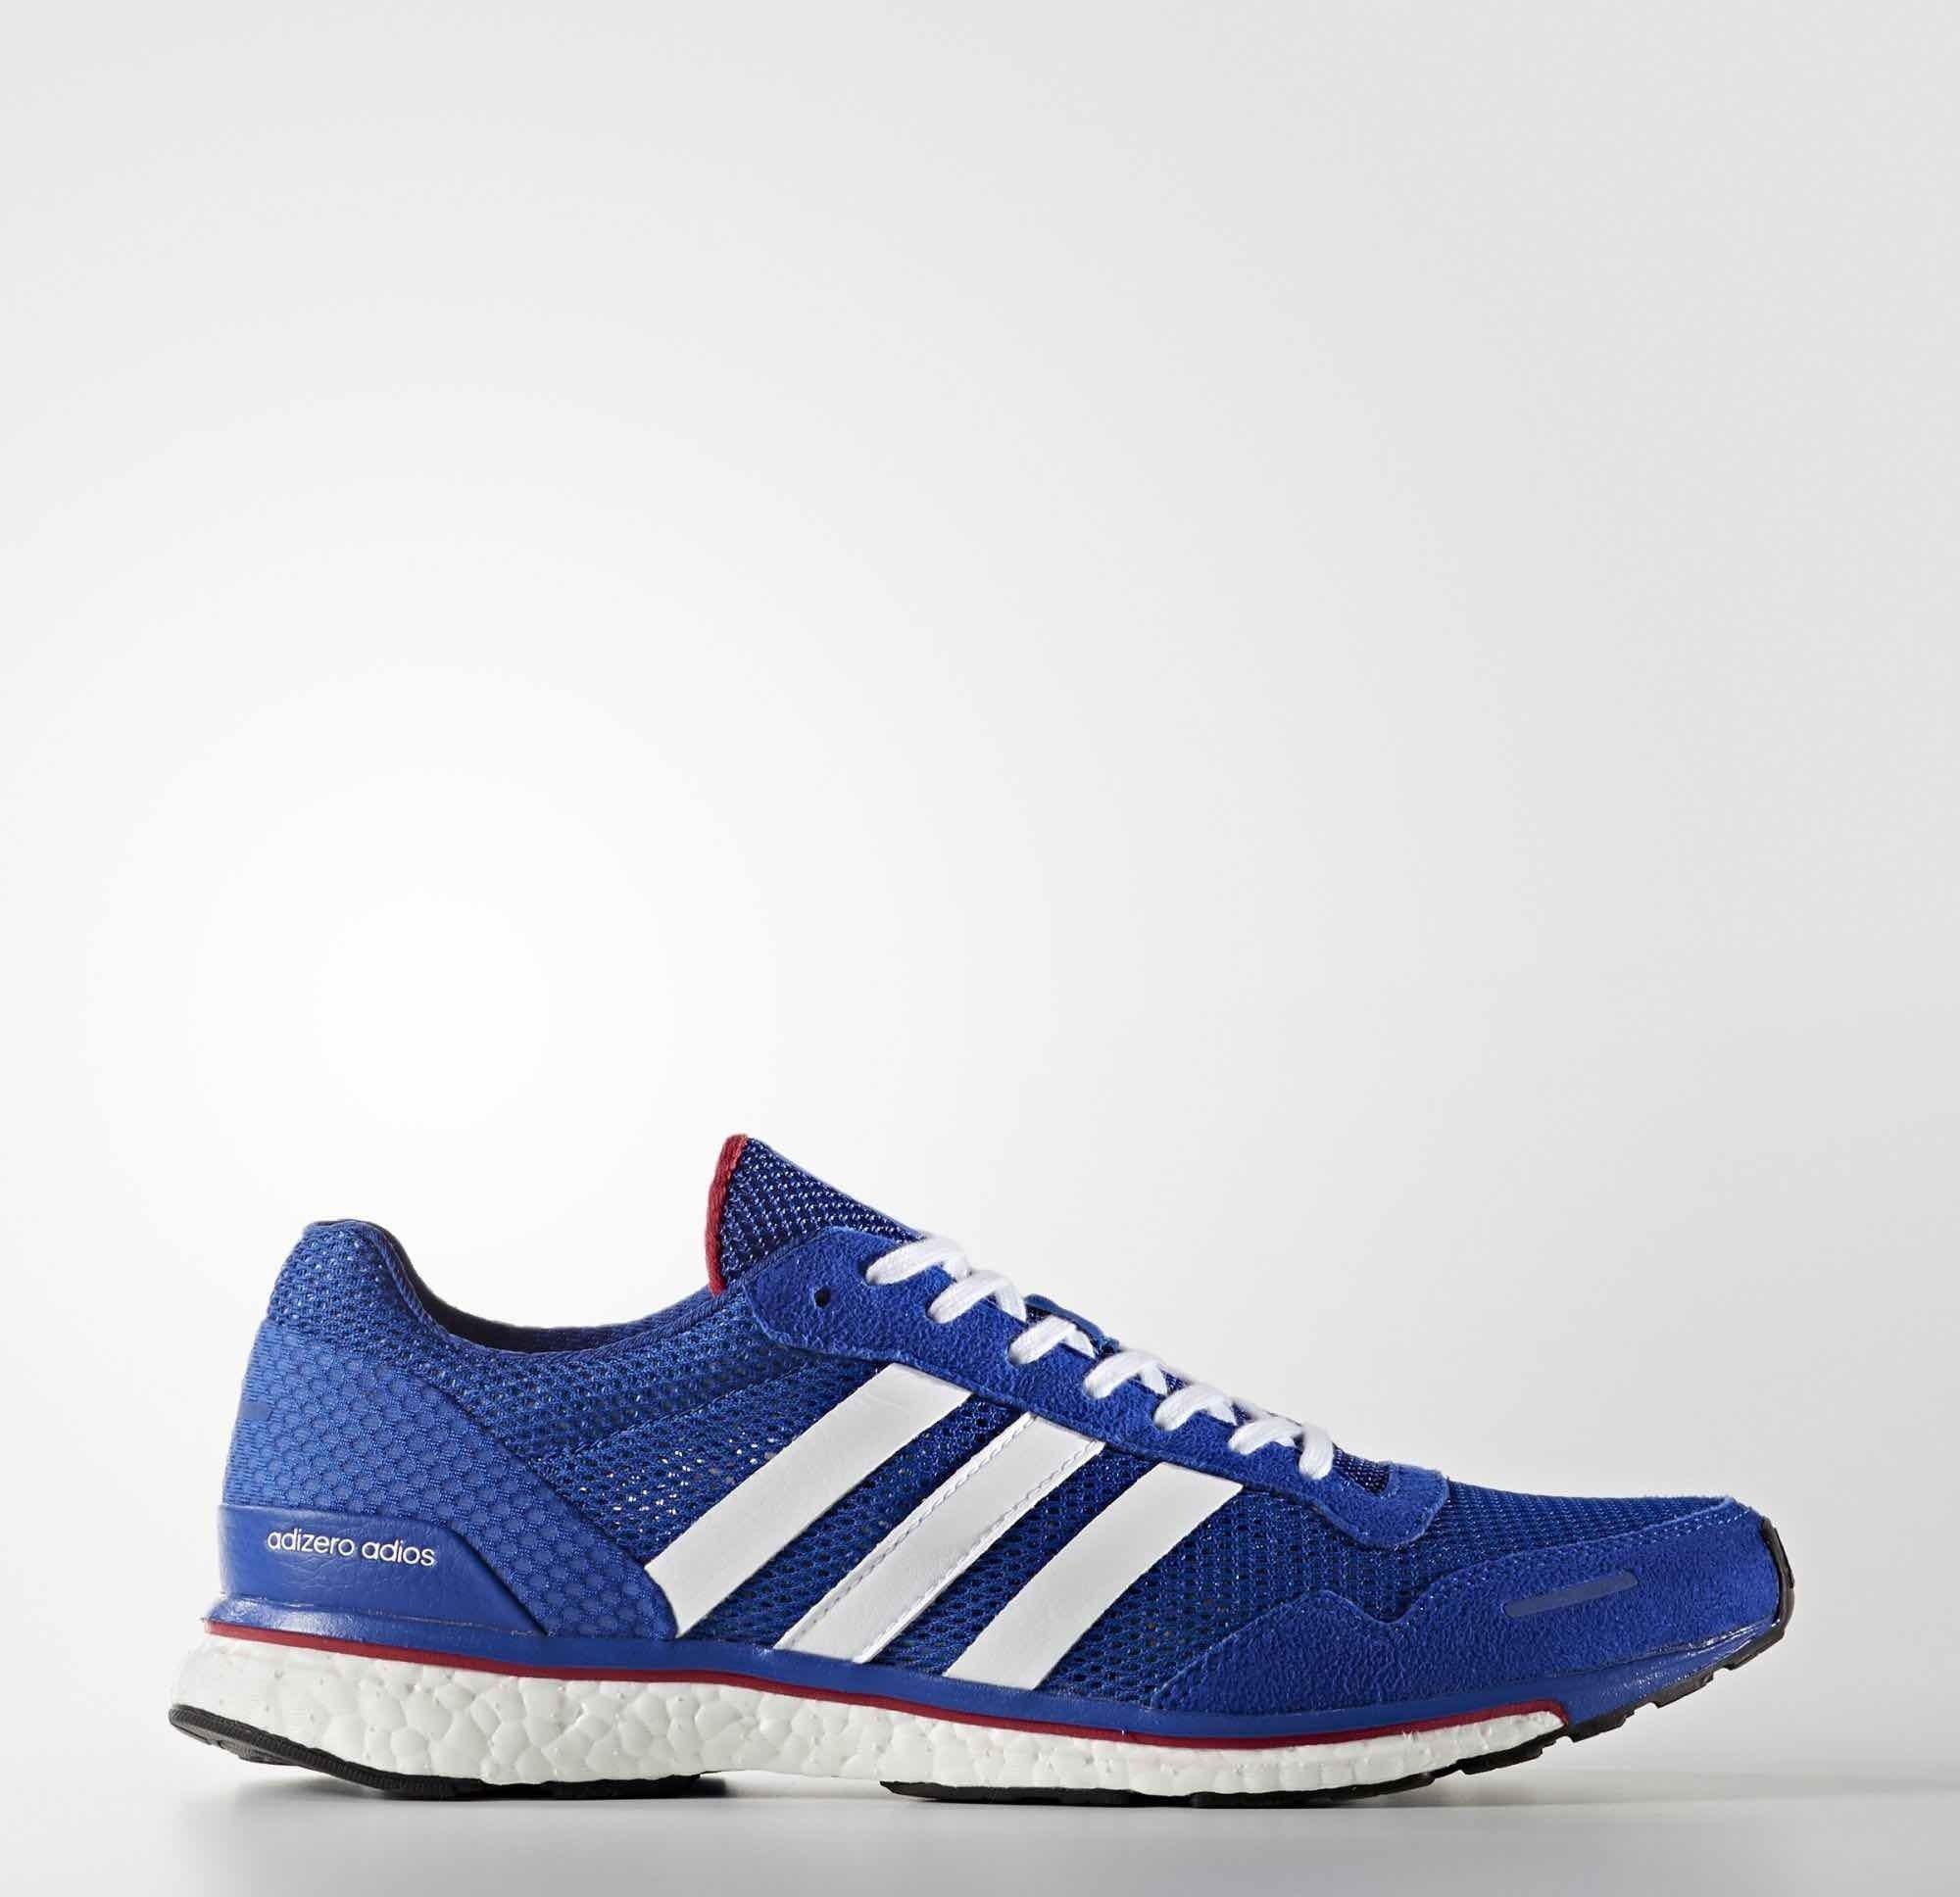 Adidas Herre Adizero Adios 3 AKT